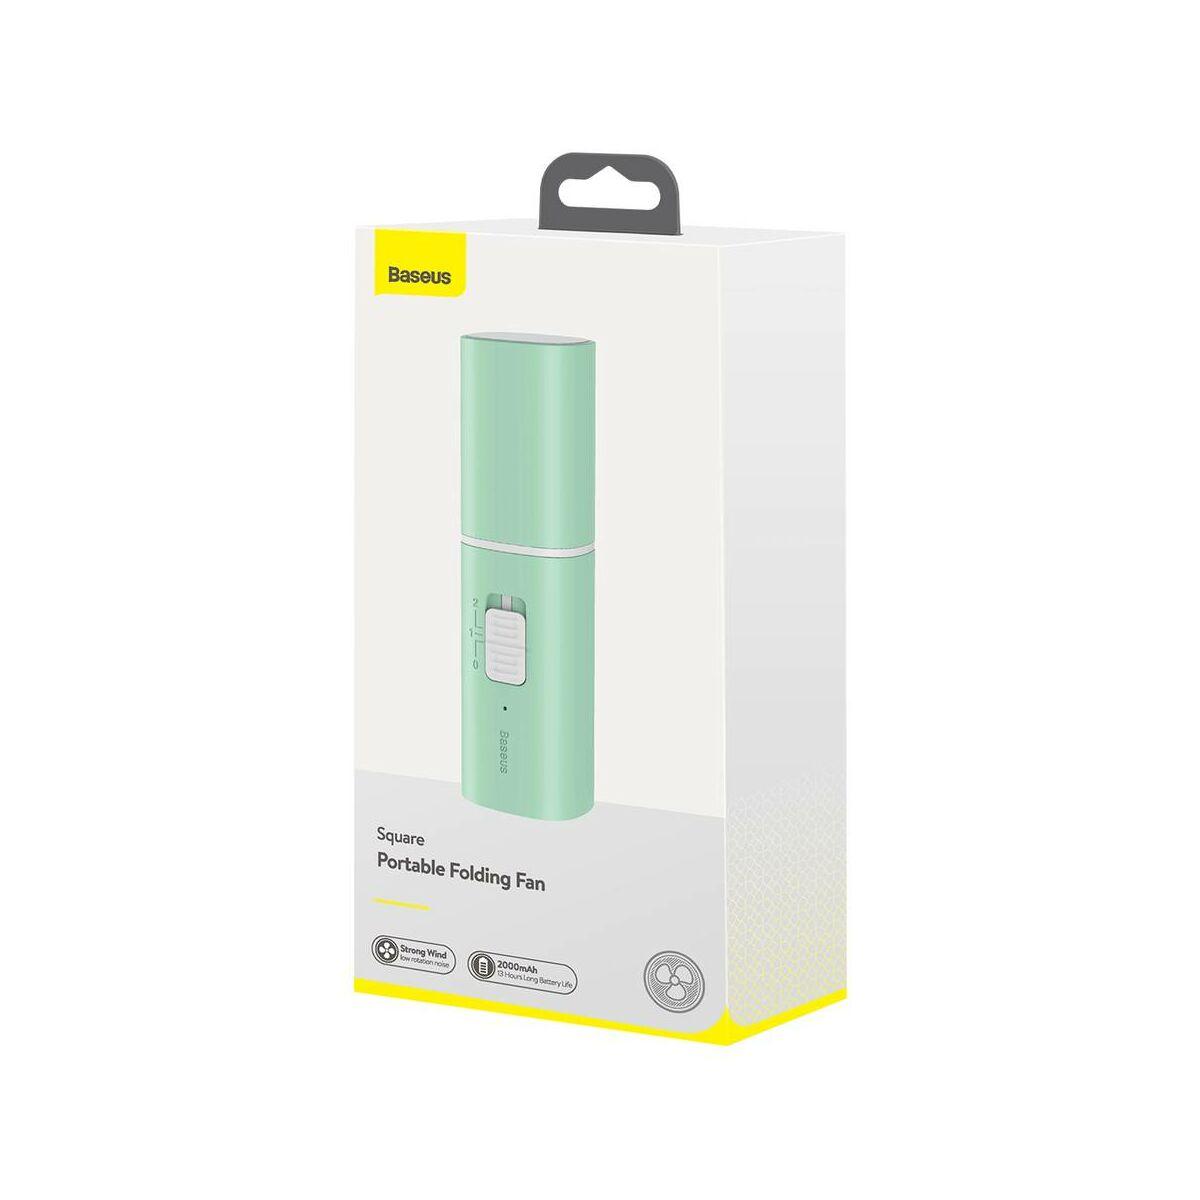 Baseus ventilátor, hordozható, Square, összehajtható, 2000 mAh, 1.1W, zöld (CXZD-B06)